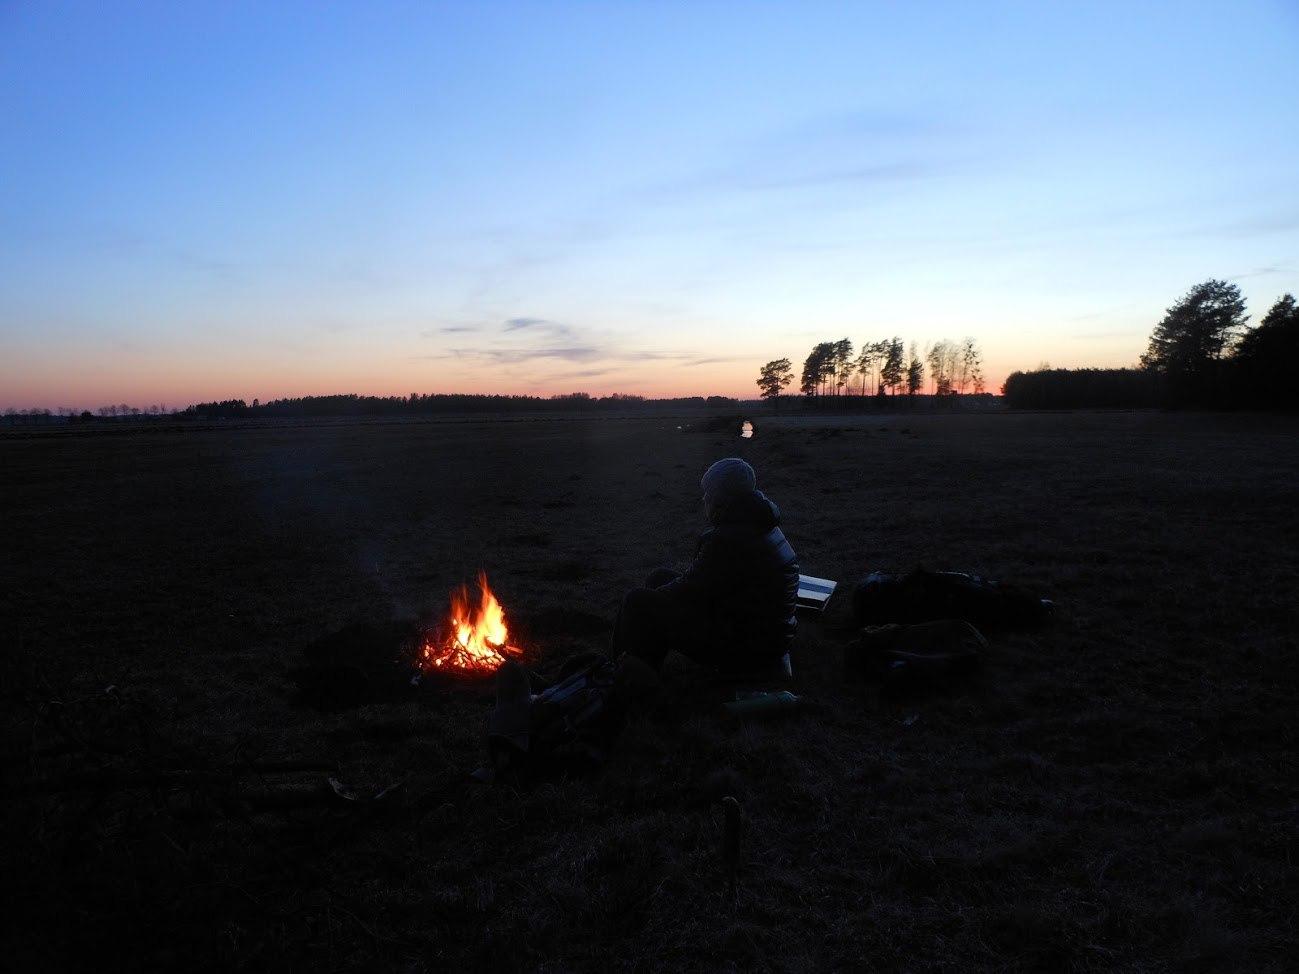 Фото кочующего путешественника